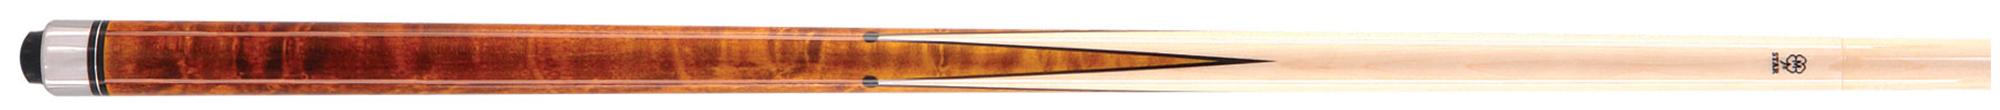 PK2999: Star S1 Hustler Birdseye Maple Cherry stain #1